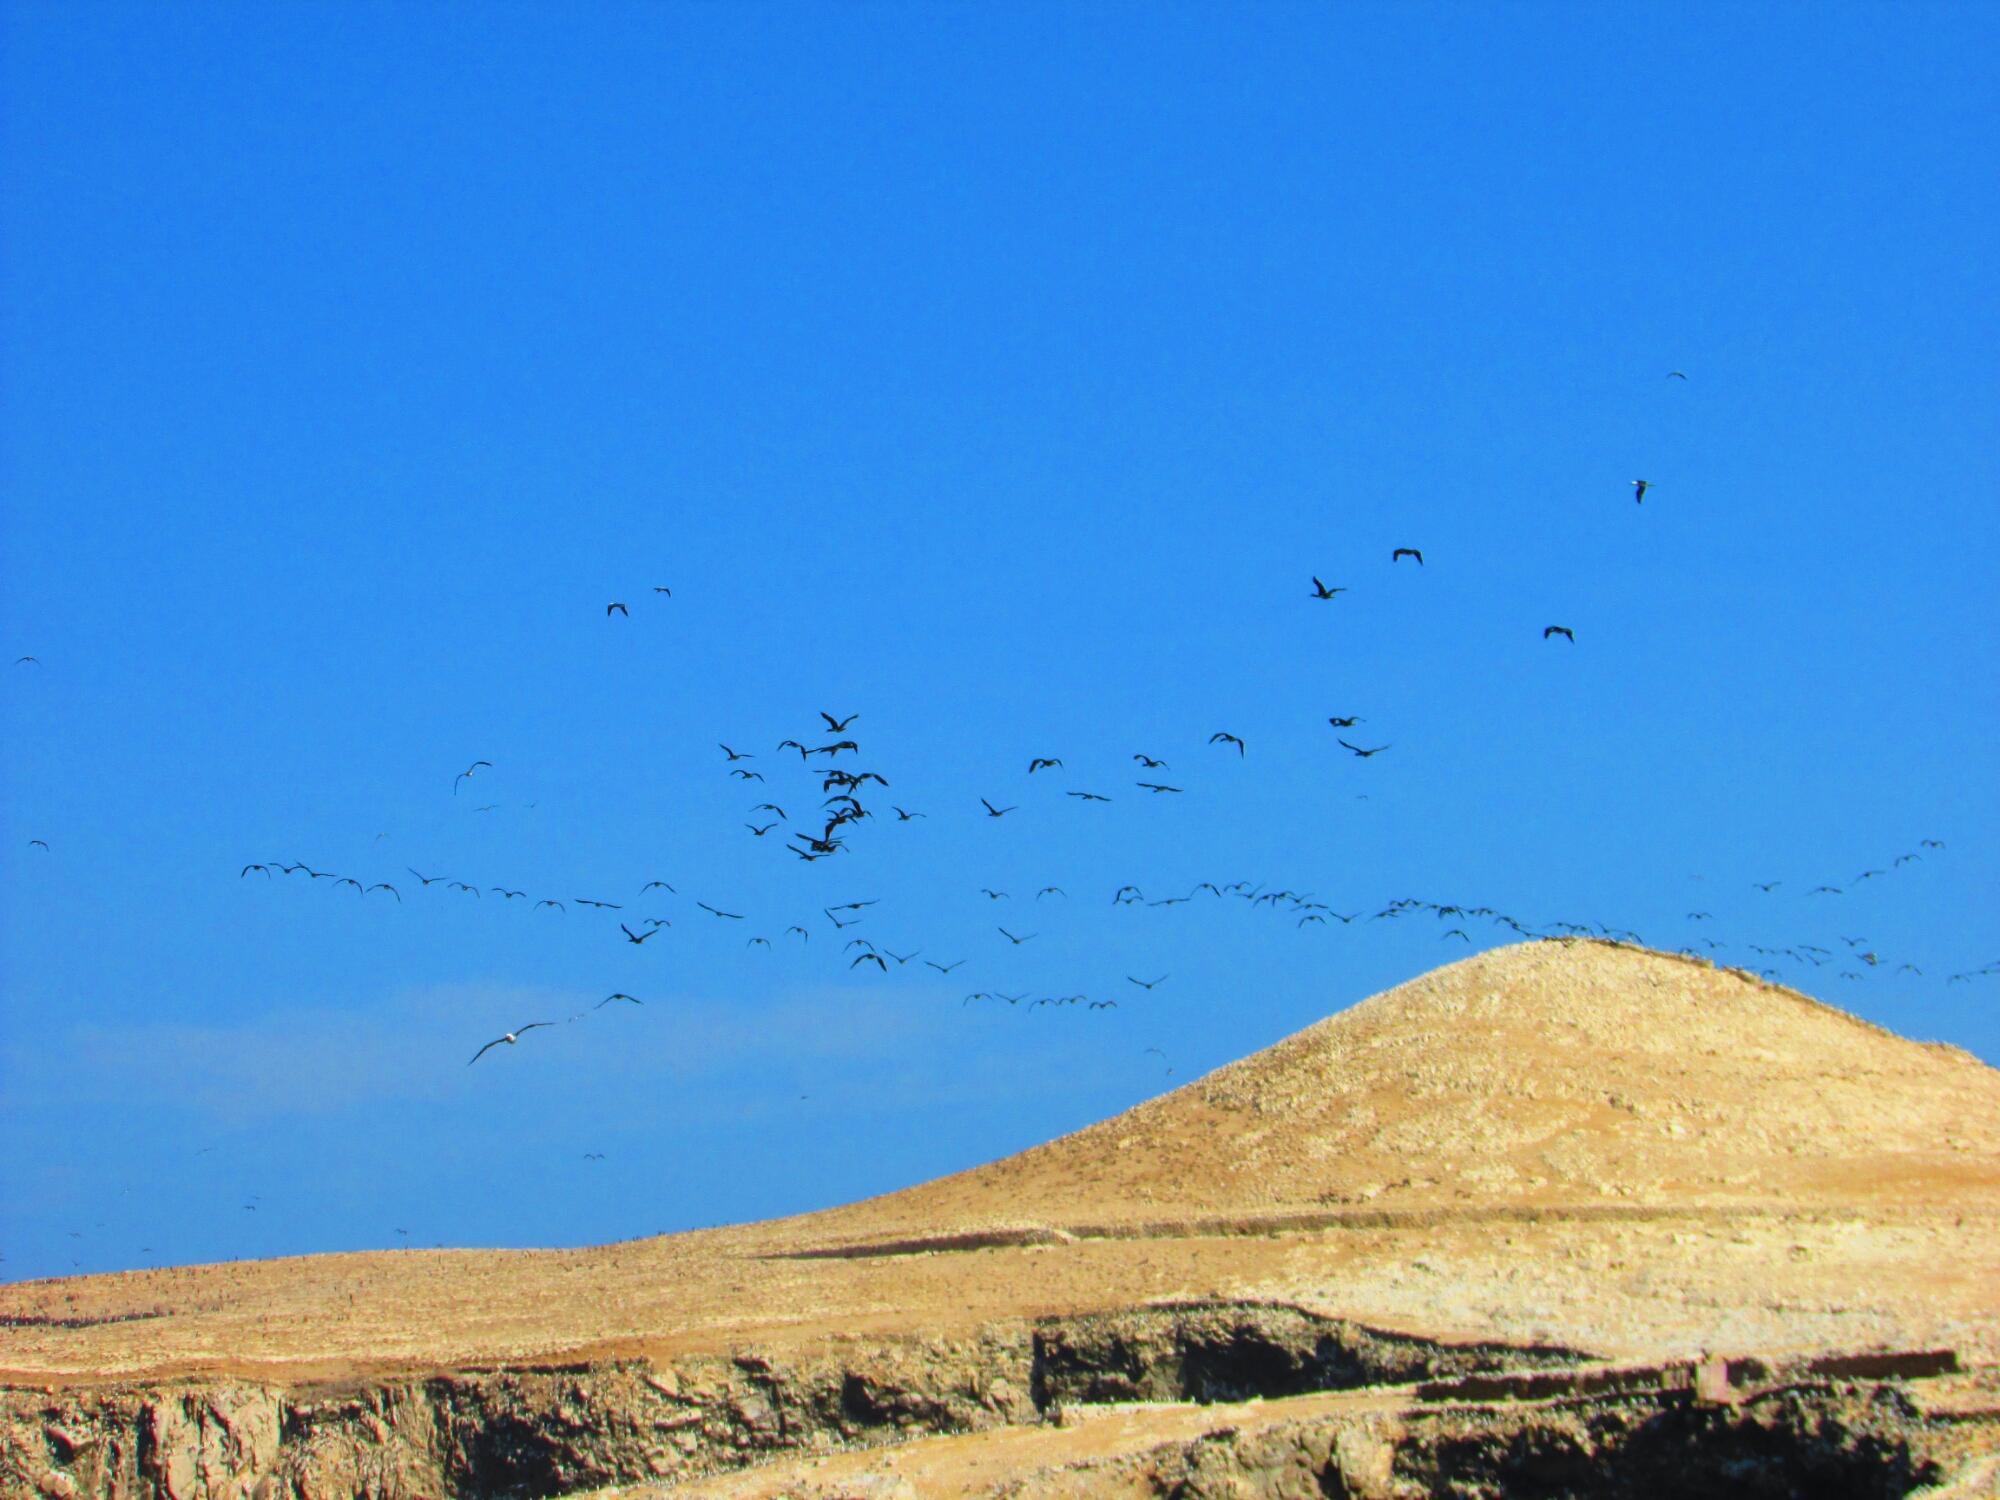 un montón de aves en libertad en Isla Ballesta en Paracas, Perú